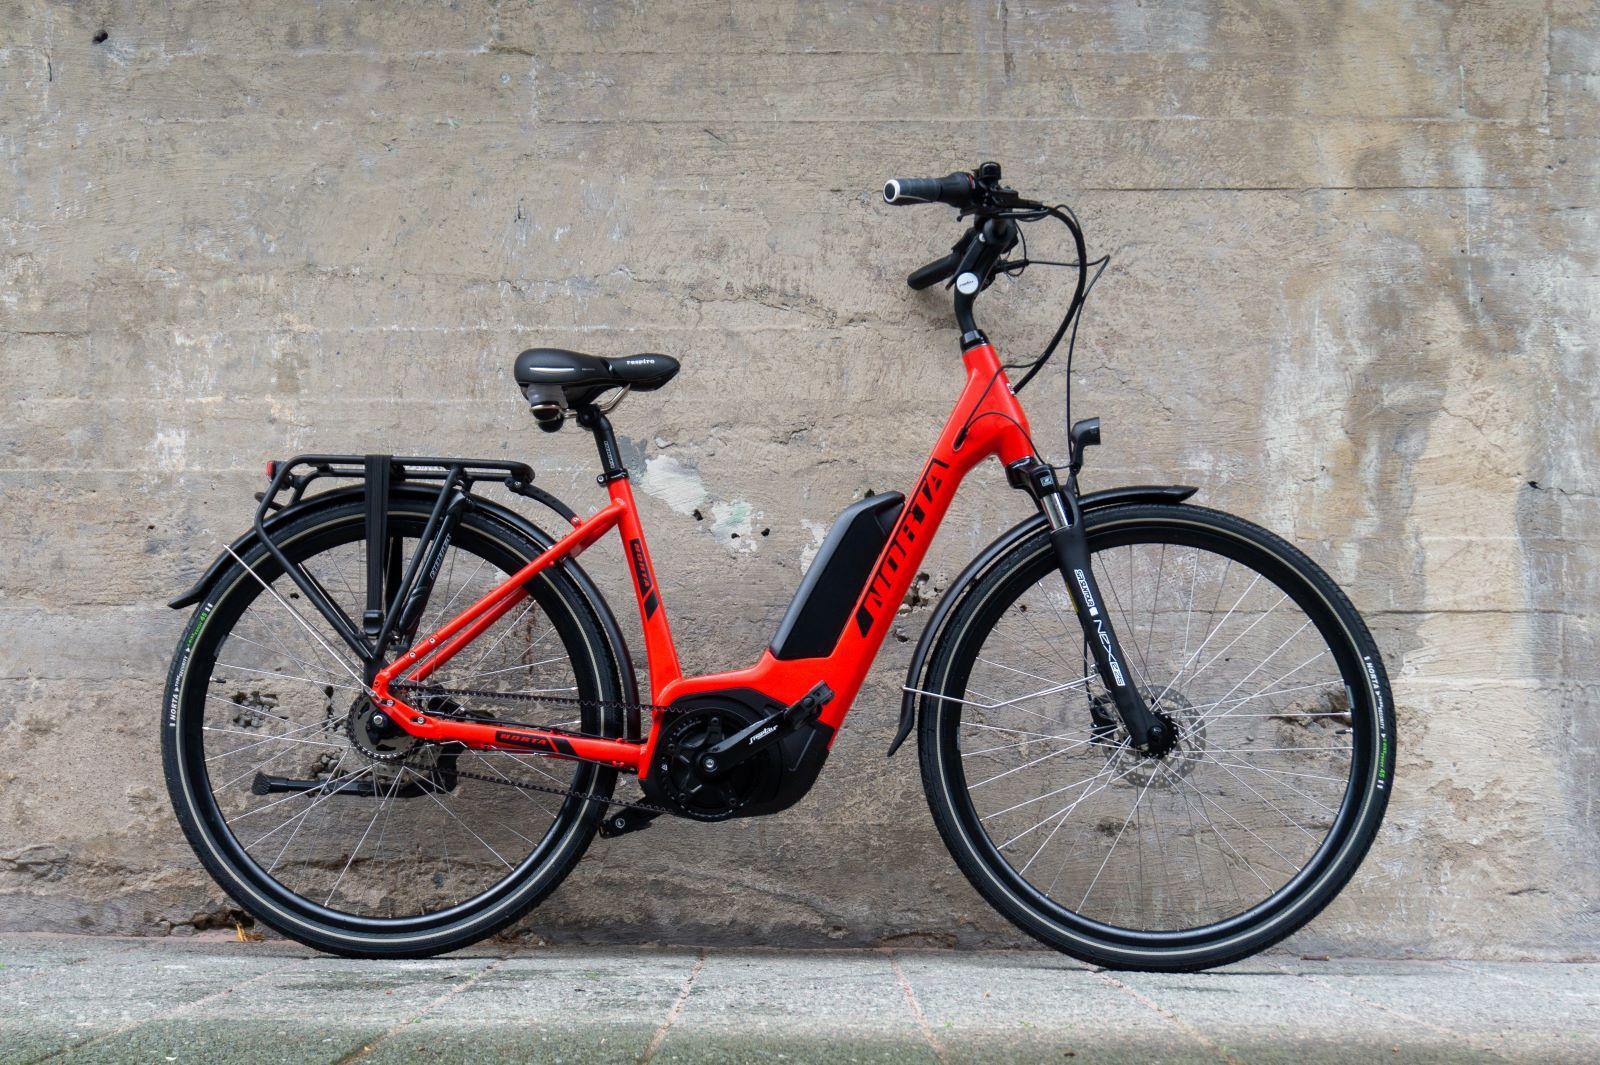 Norta fietsen kopen Antwerpen